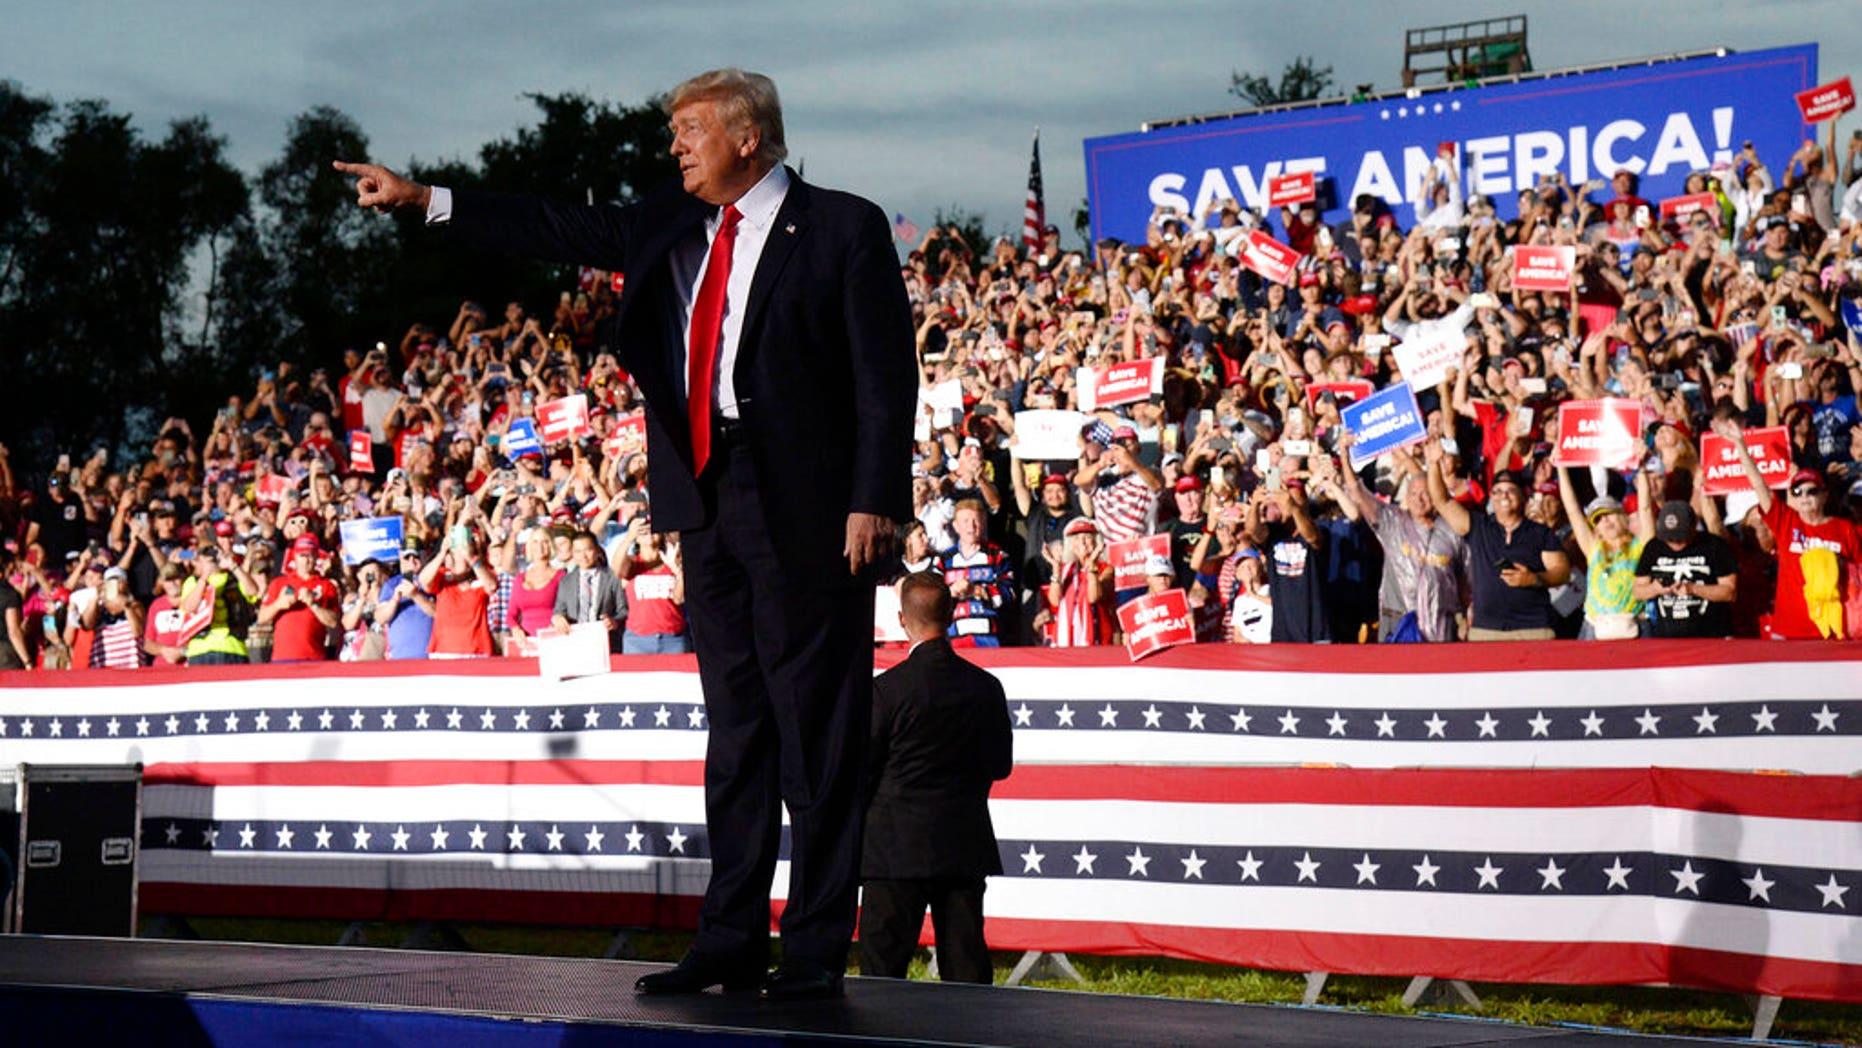 Trump makes no mention of DeSantis at Florida rally AP21185090852919